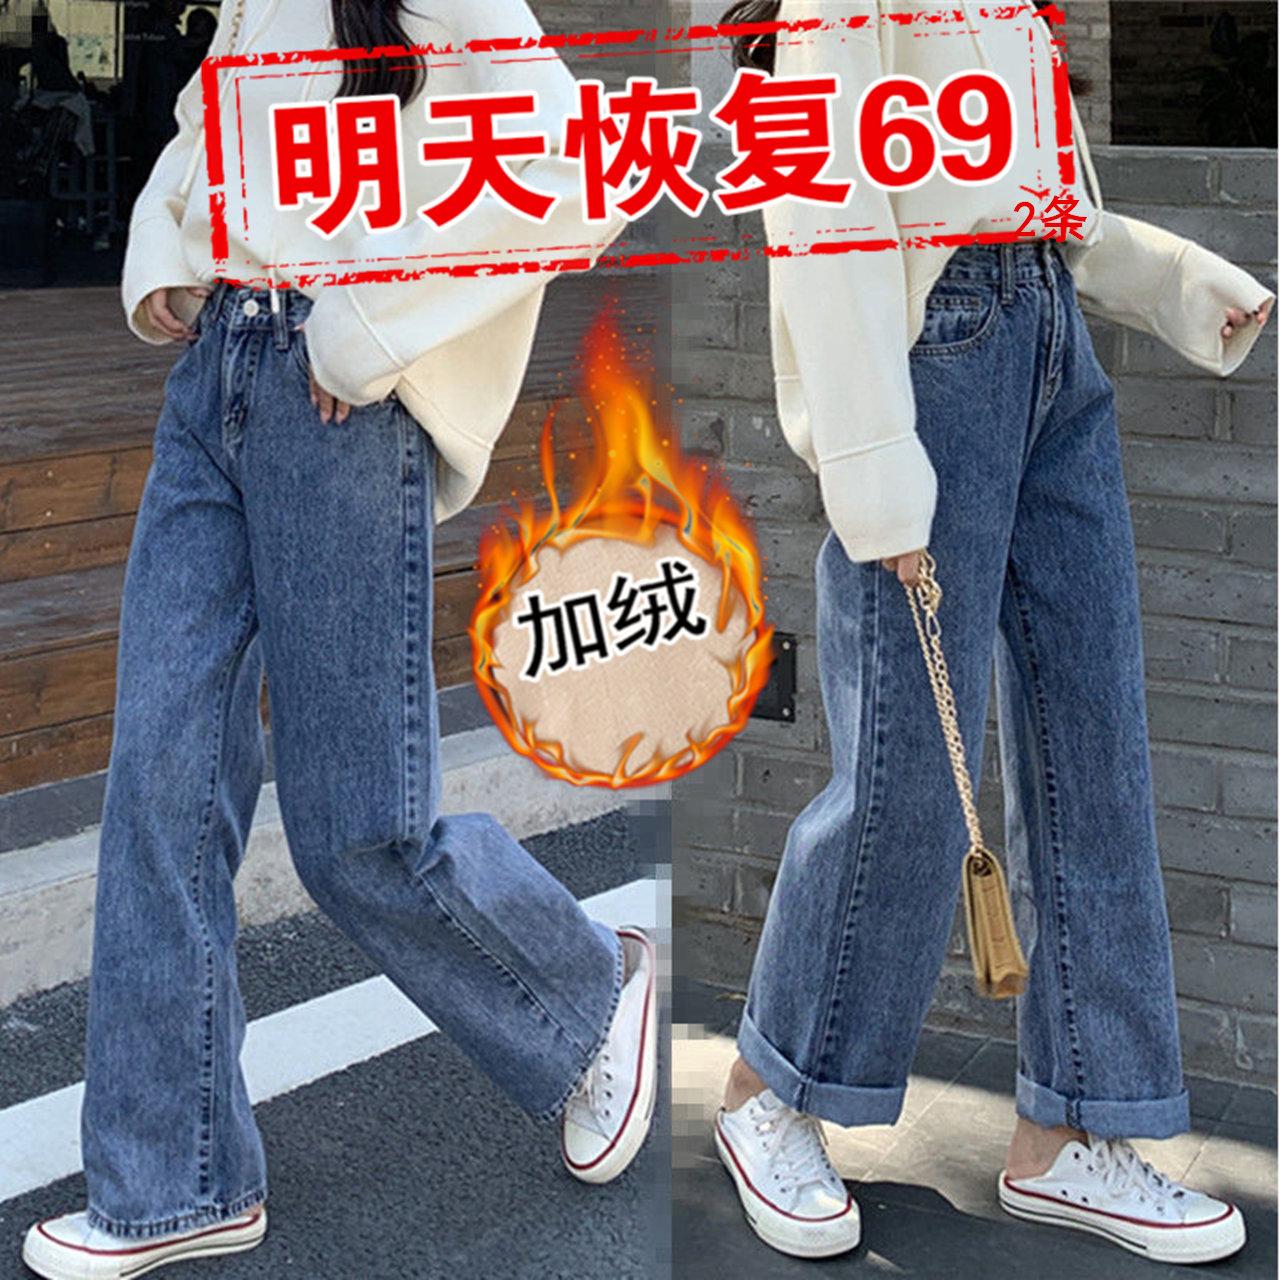 高腰老爹宽松新款阔腿裤子直筒牛仔裤女2020年秋冬季加绒显瘦黑色